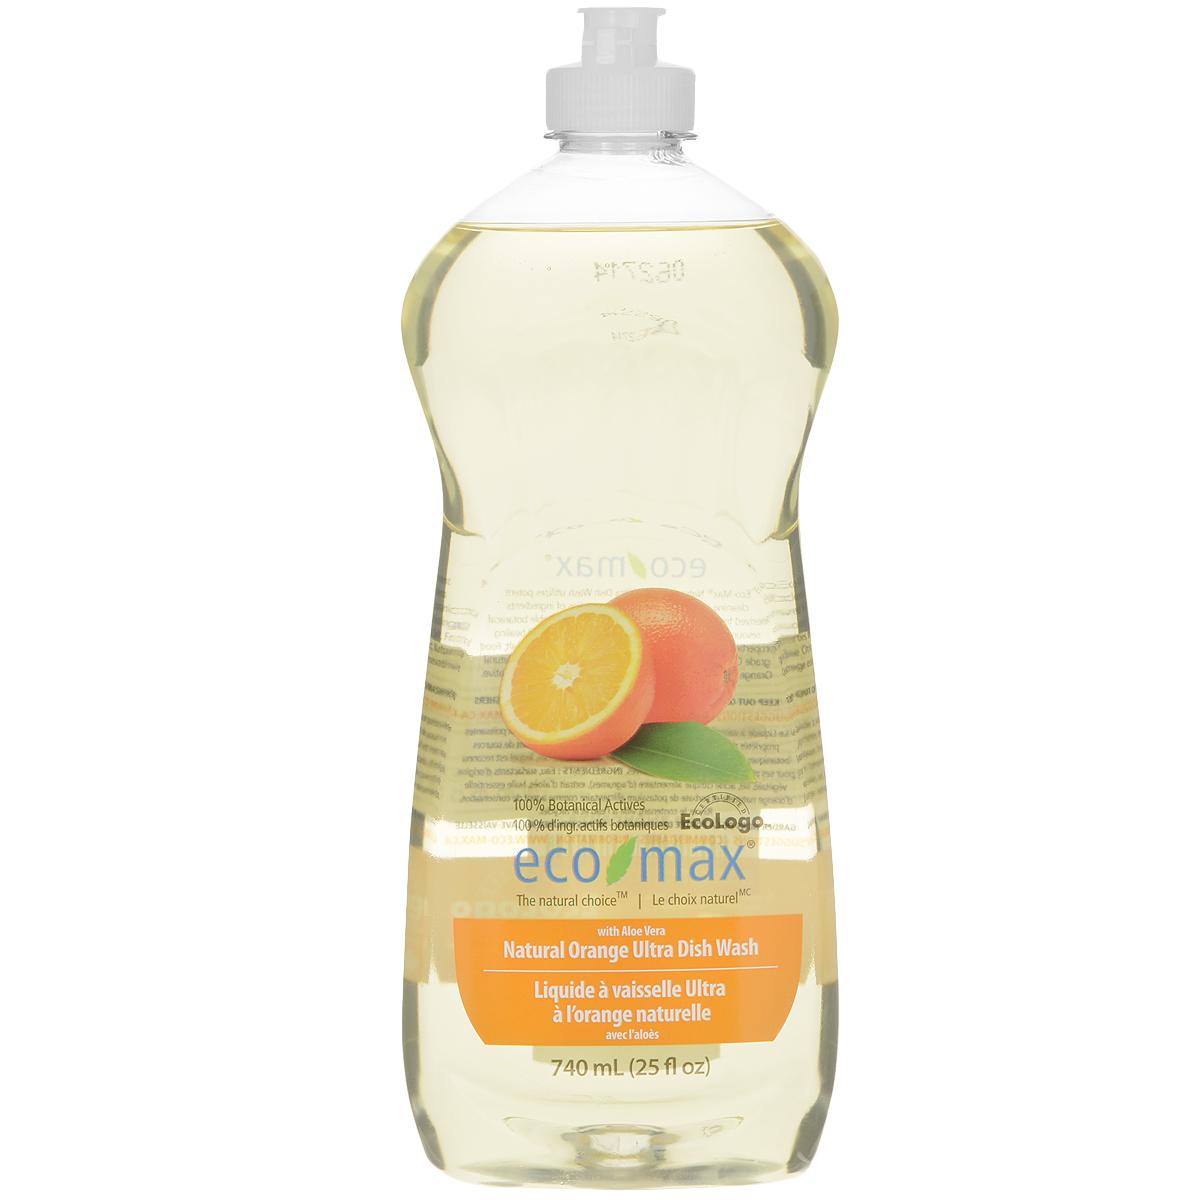 Средство для мытья посуды Eco Max Апельсин, 740 мл790009Средство для мытья посуды Eco Max - натуральное средство на 100% растительной основе, полностью биоразлагаемое. В этом средстве используются активные чистящие вещества ингредиентов, полученных из биоразлагаемых и возобновляемых растительных источников. Содержит алоэ вера, обладающее увлажняющими и заживляющими свойствами. Натуральное апельсиновое масло придает посуде свежий аромат. Состав: вода, ПАВ растительного происхождения, растительный экстракт алоэ вера, соль, пищевой сорбат калия в качестве консерванта, пищевая лимонная кислота (из плодов лимона), натуральное эфирное масло апельсина. Товар сертифицирован.